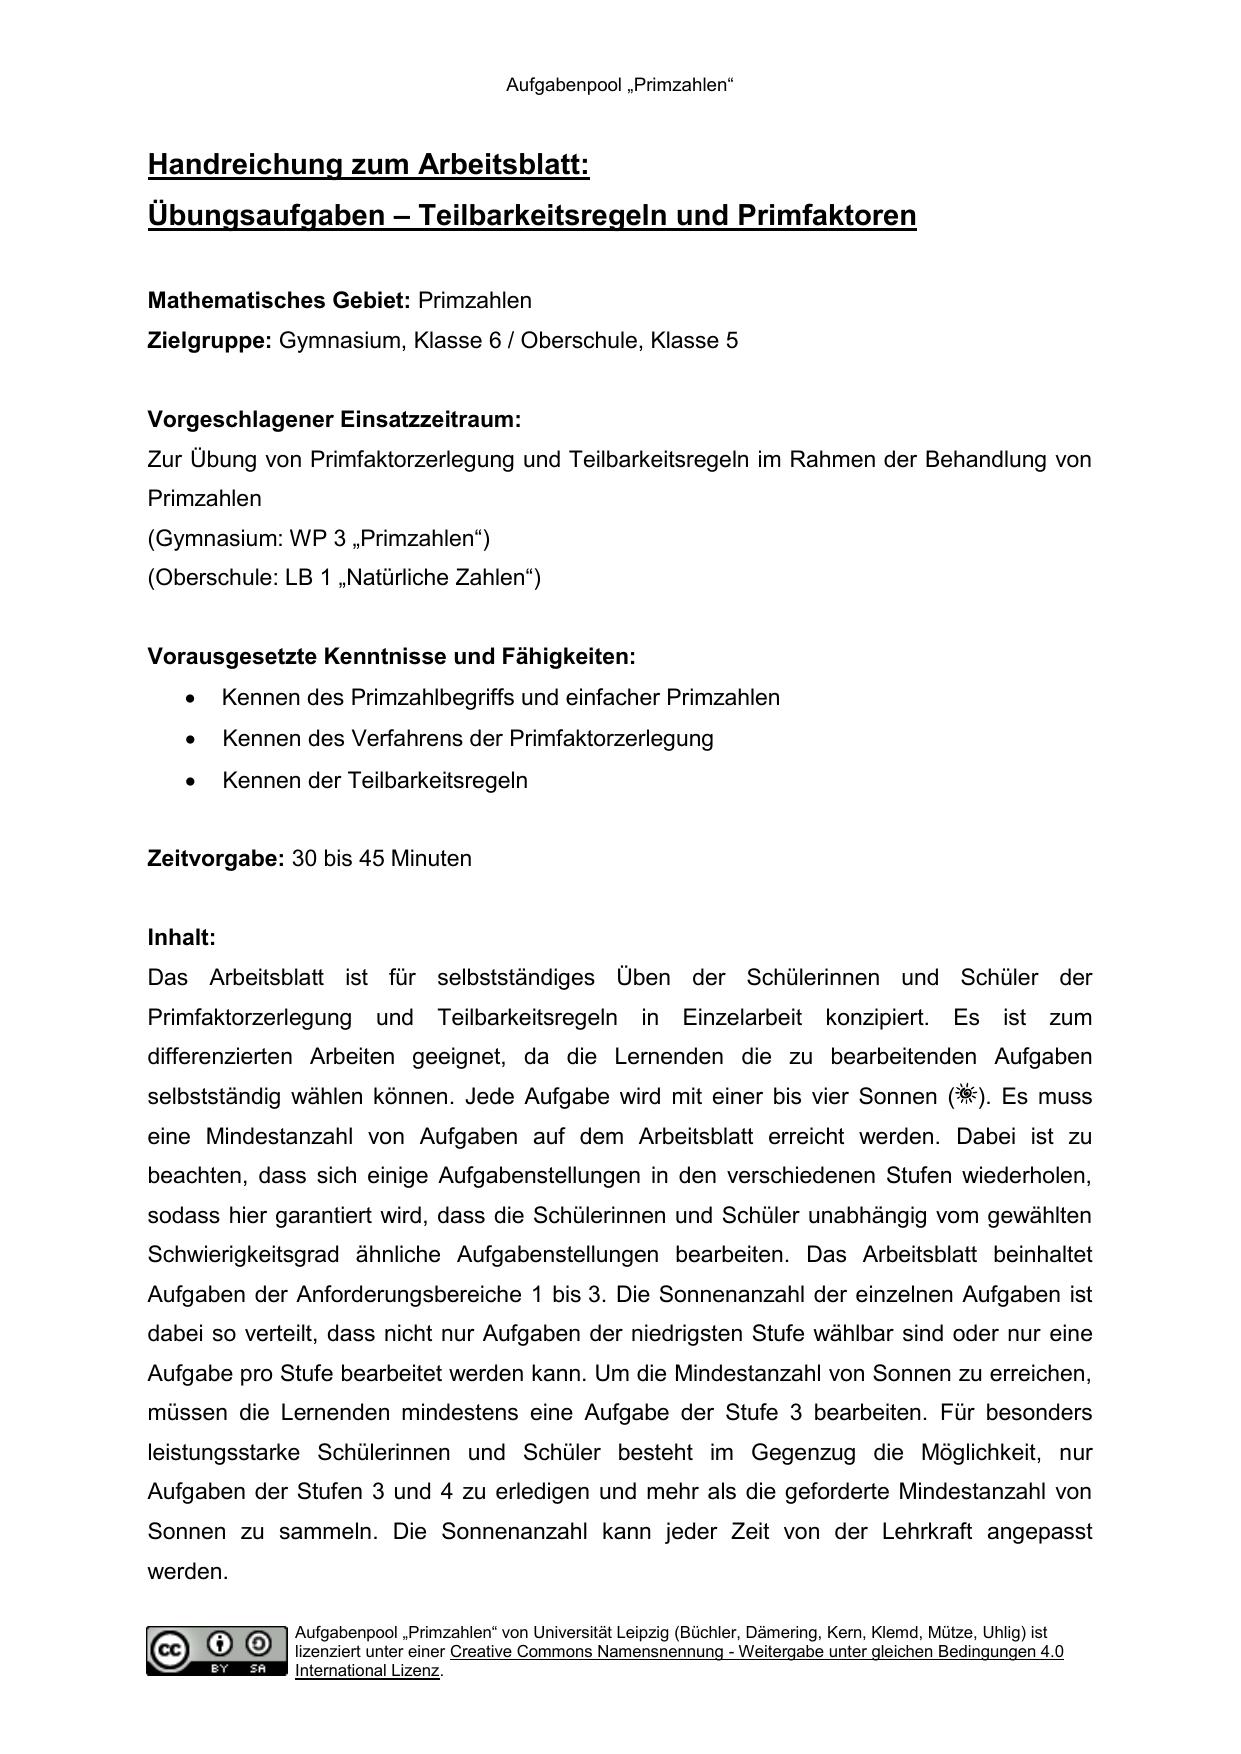 Teilbarkeitsregeln und Primfaktoren